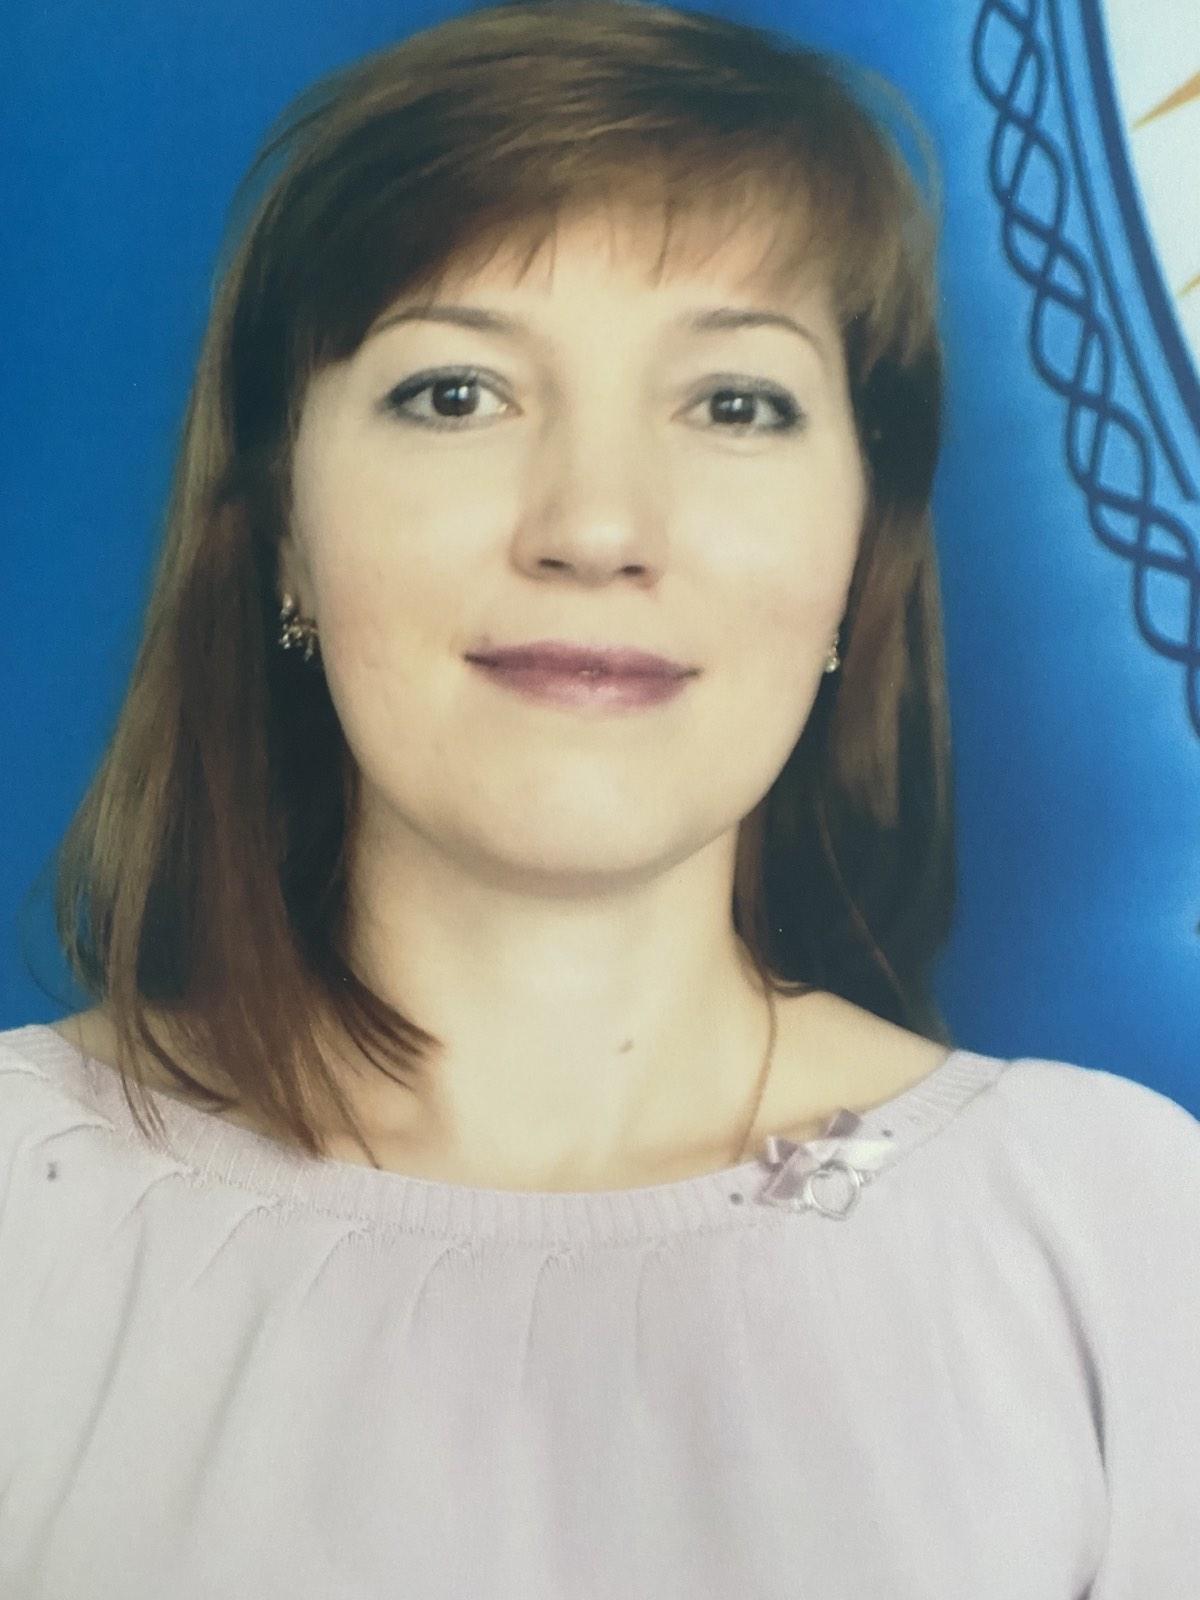 Омецінська Тетяна Володимирівна, інспектор з кадрів